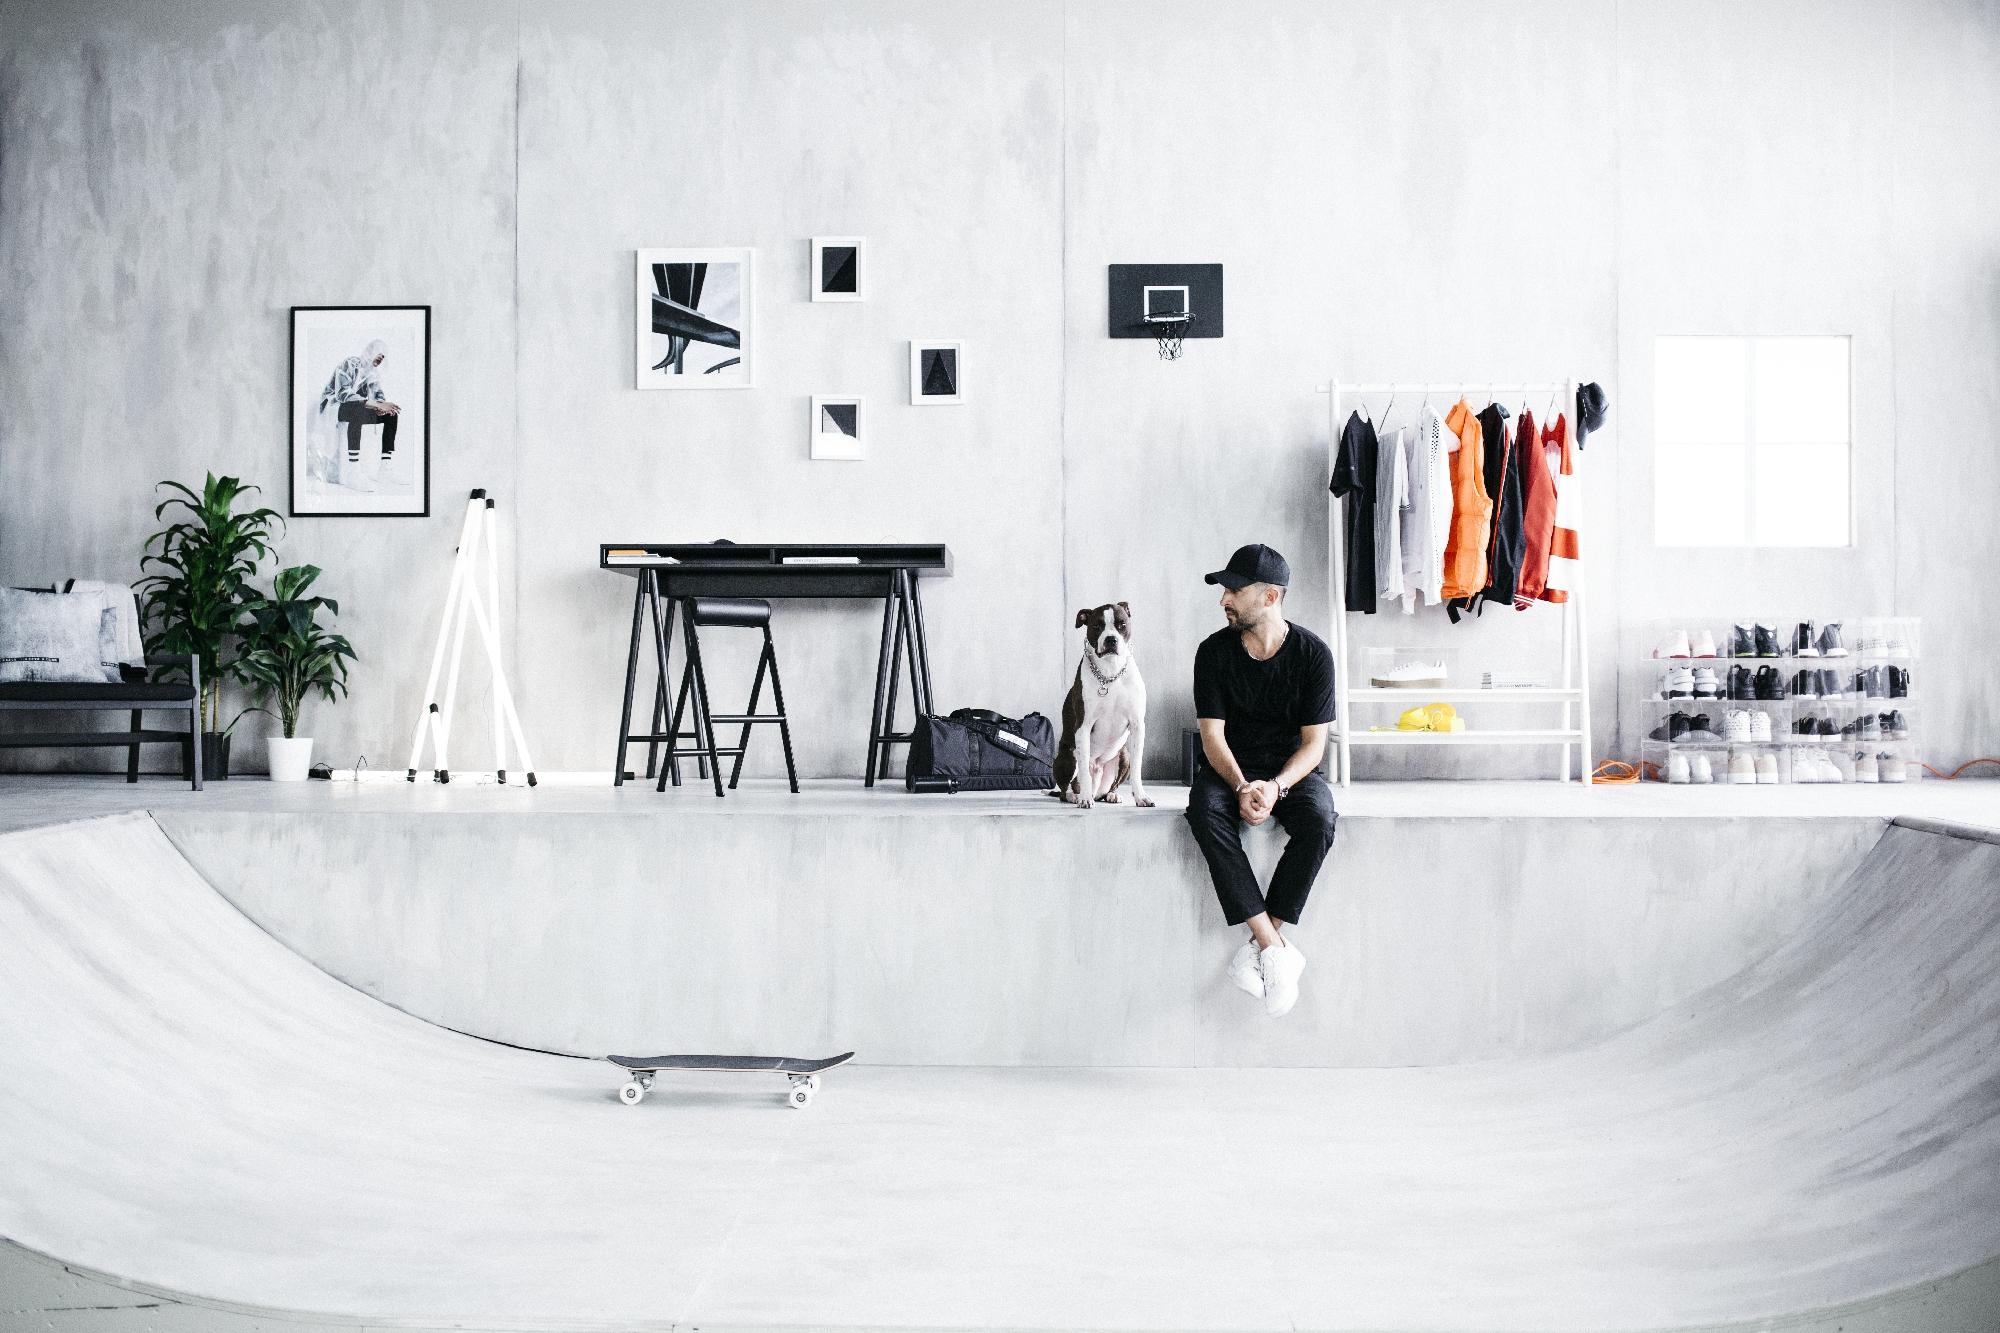 Bújtasd egyedi öltözetbe az otthonodat! - SPÄNST /X/